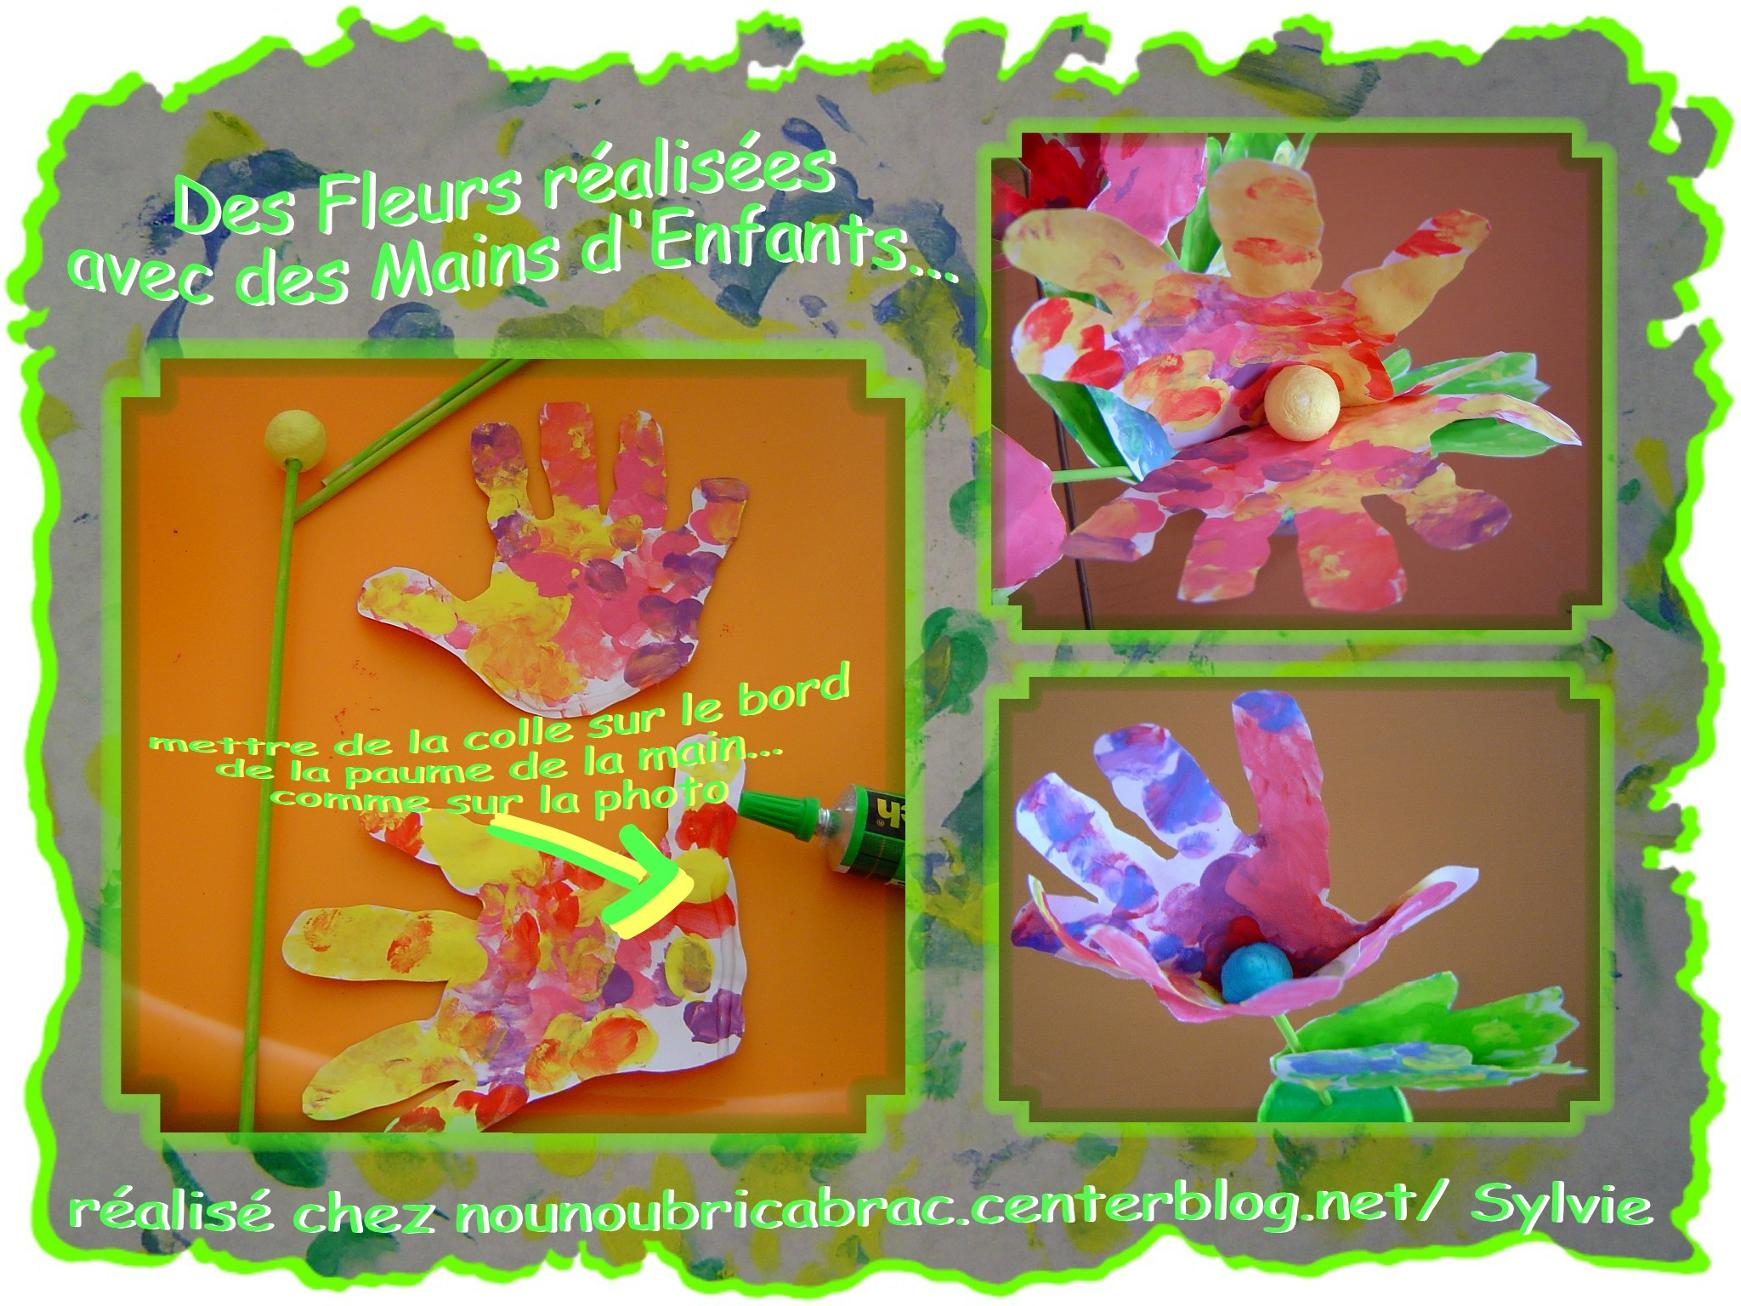 Des Fleurs réalisées avec des Mains d'Enfants...